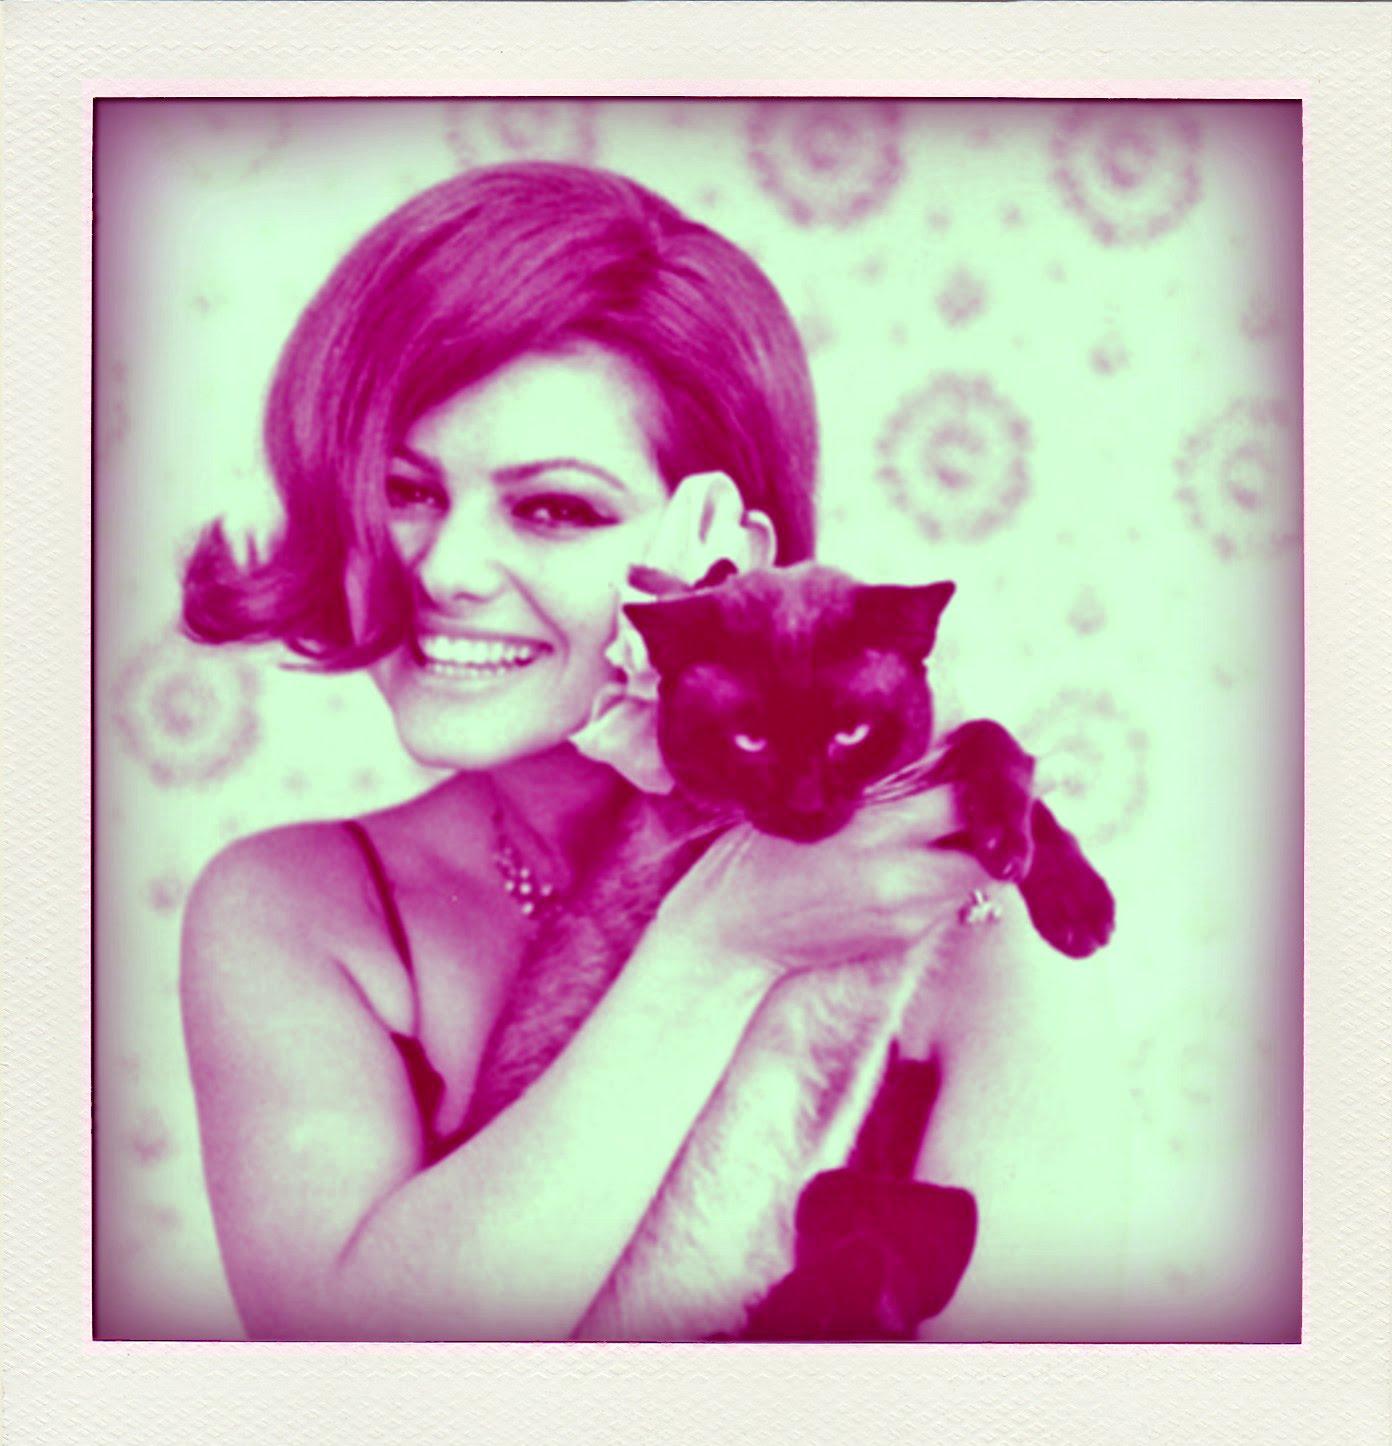 http://4.bp.blogspot.com/_yavP5M_4h14/TAvDTA_W6LI/AAAAAAAAAmM/368FYsvwNo0/s1600/Claudia-Cardinale-Cat.jpg